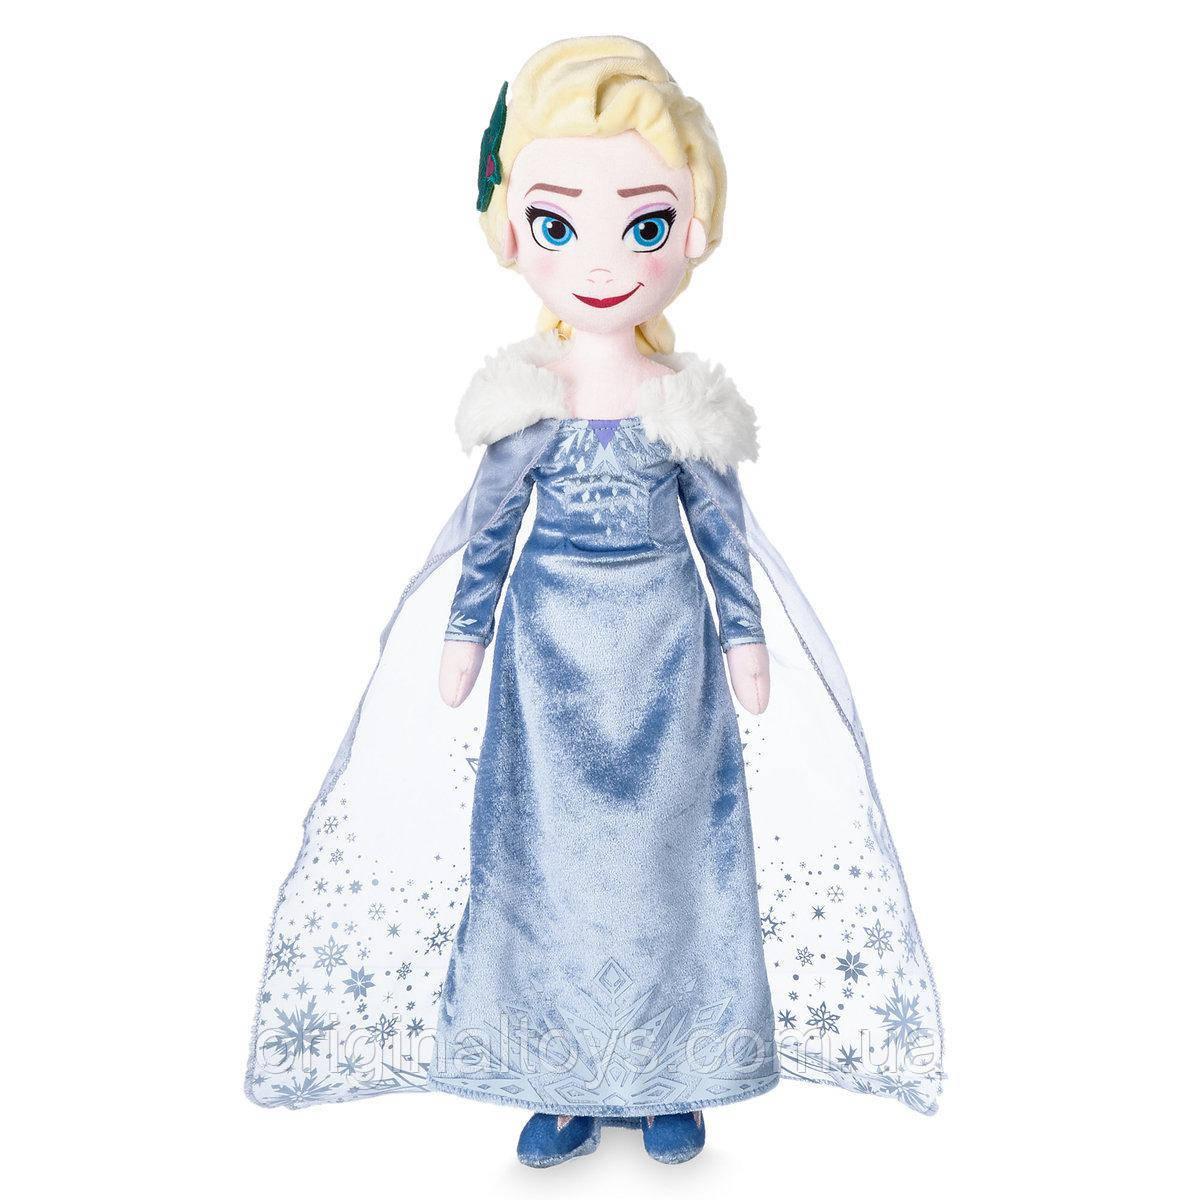 Мягкая игрушка кукла Эльза Холодное сердце Disney